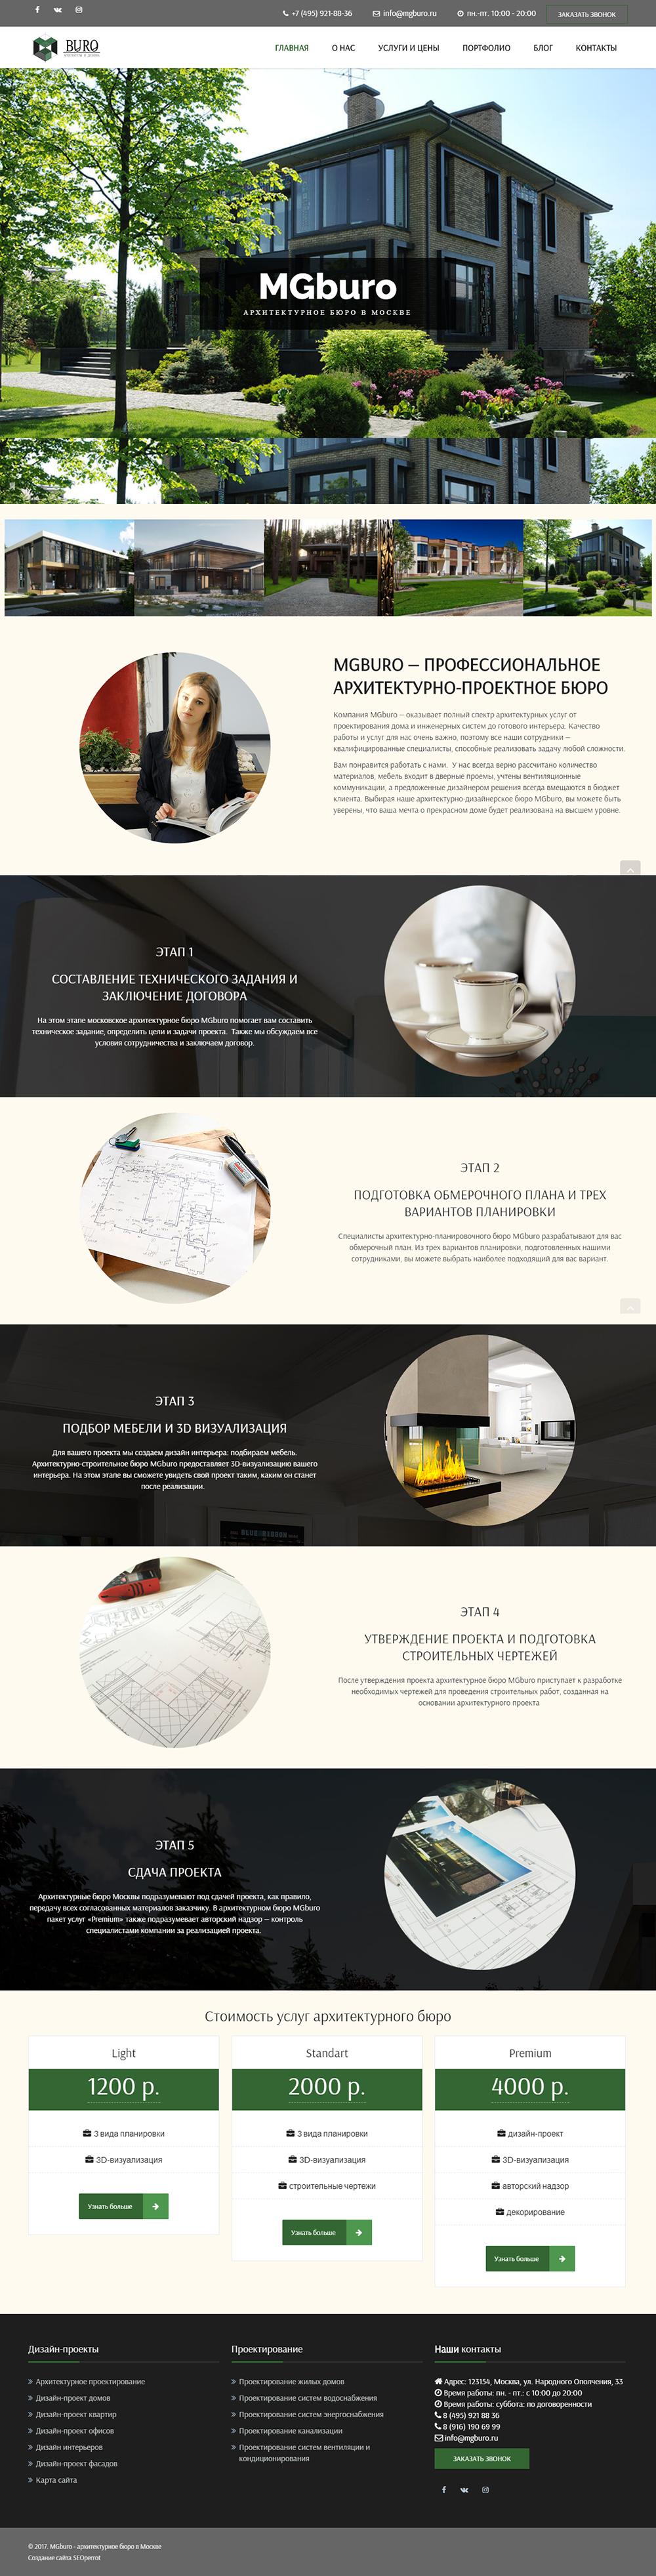 Главная страница сайта архитектурного бюро